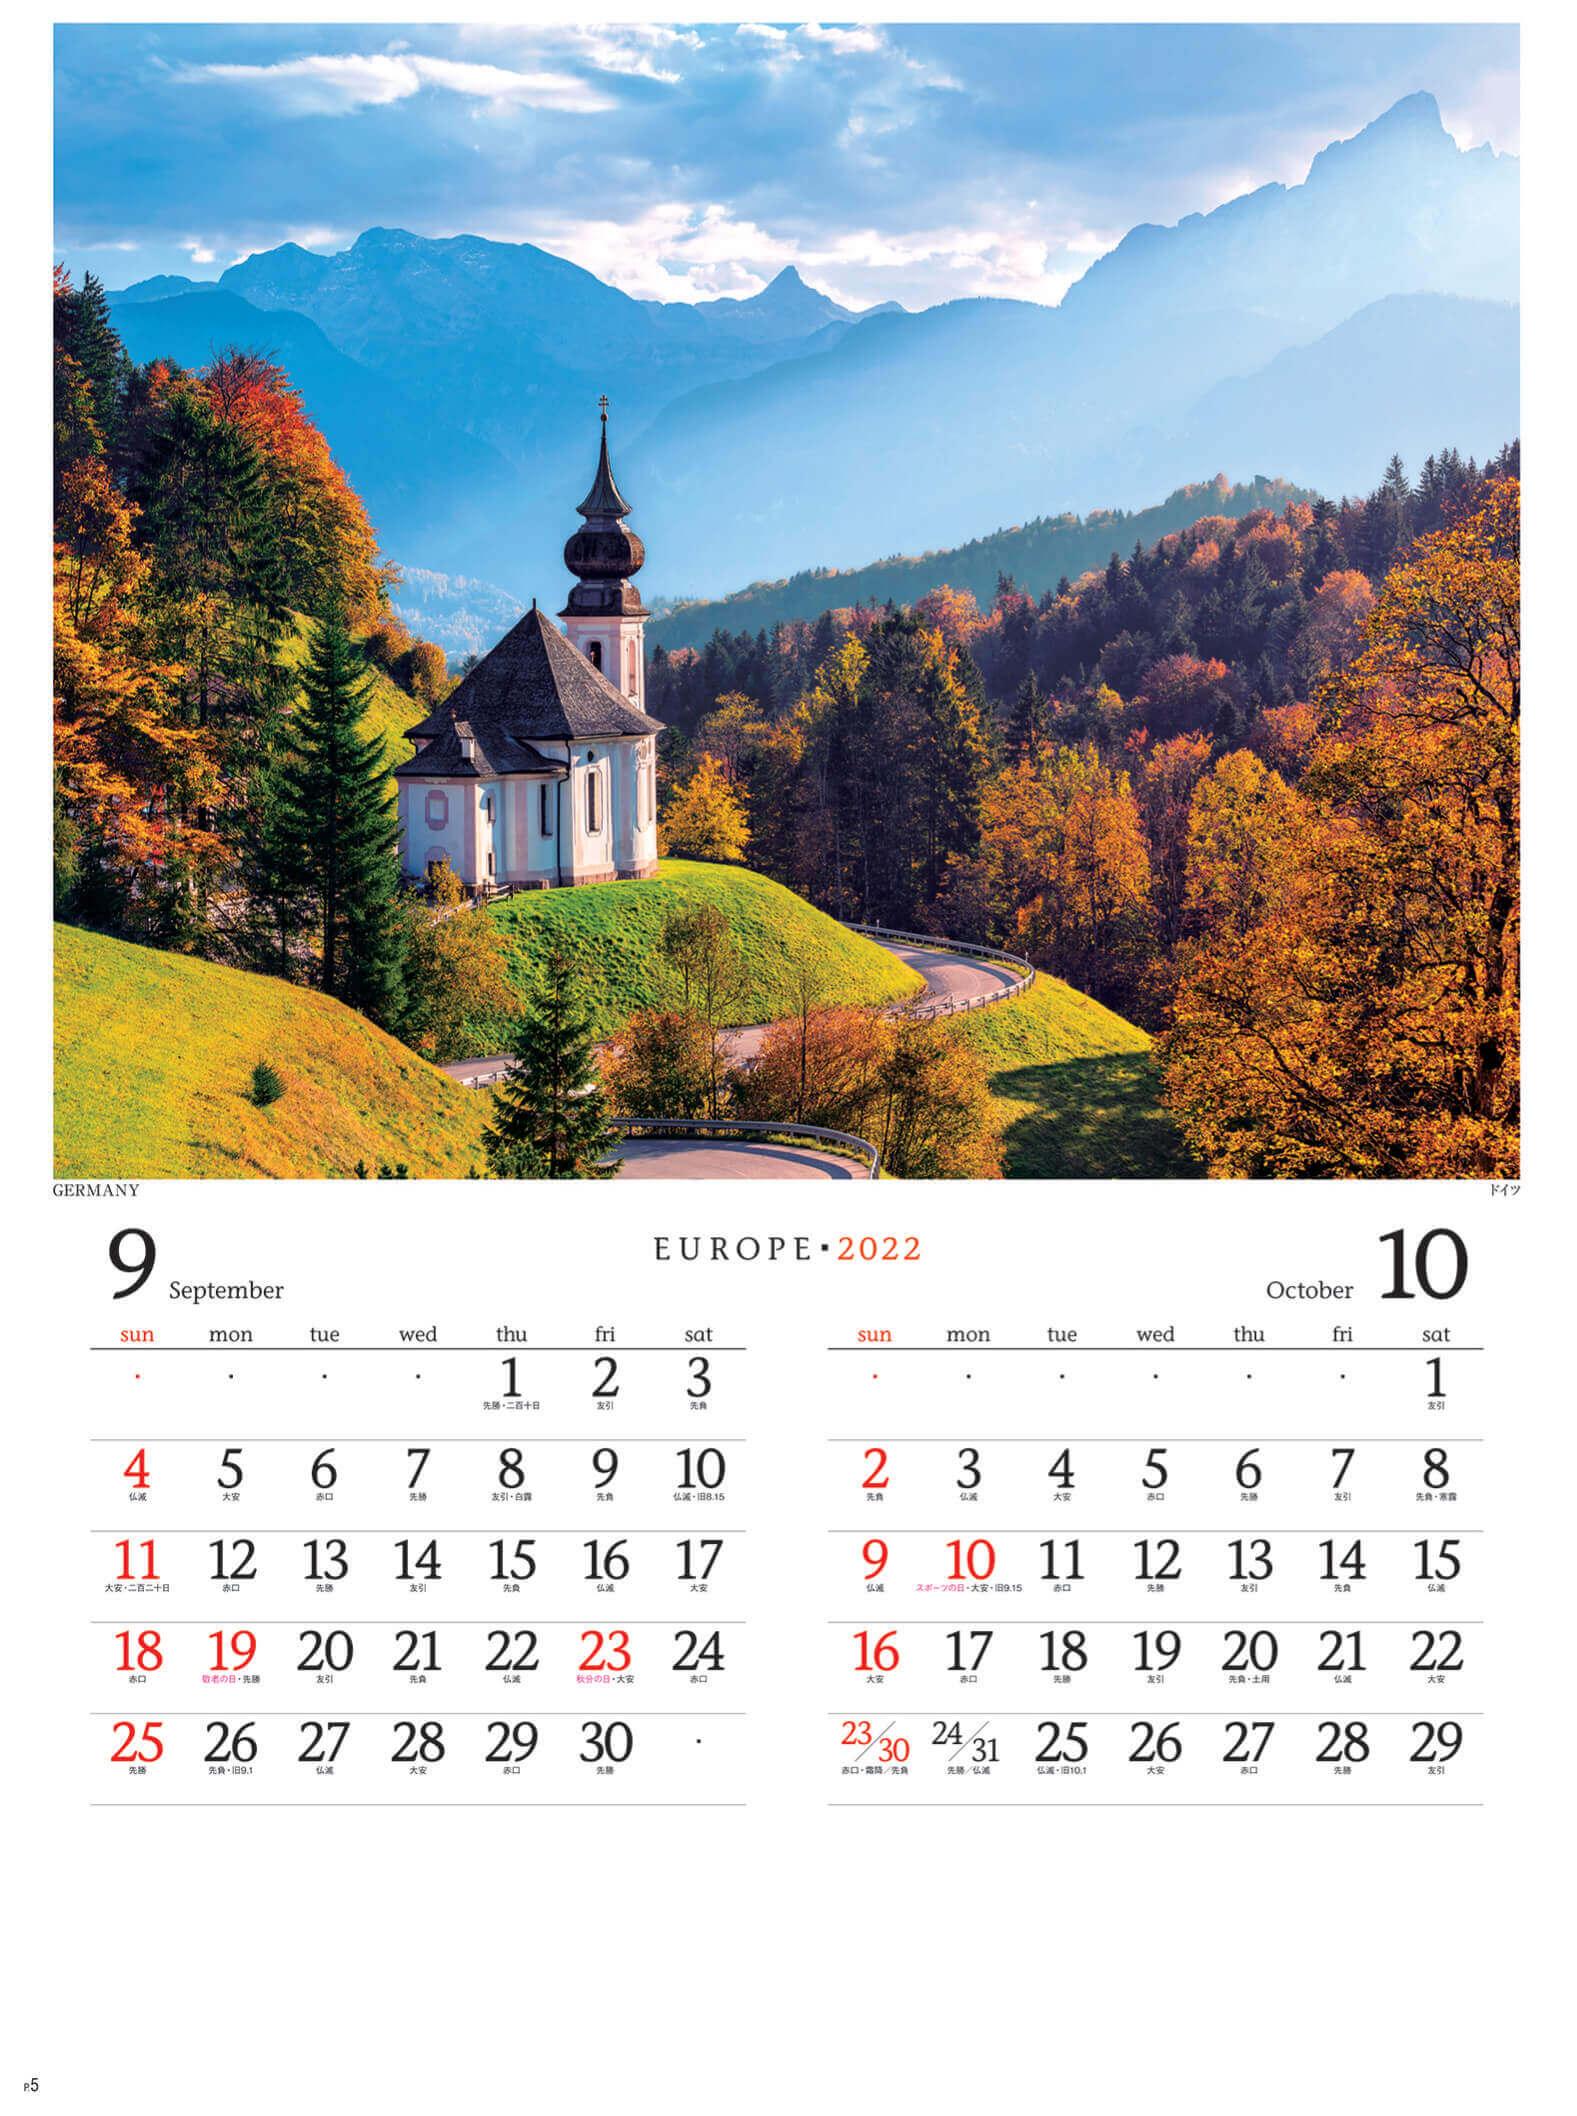 9-10月 ドイツ ヨーロッパ 2022年カレンダーの画像